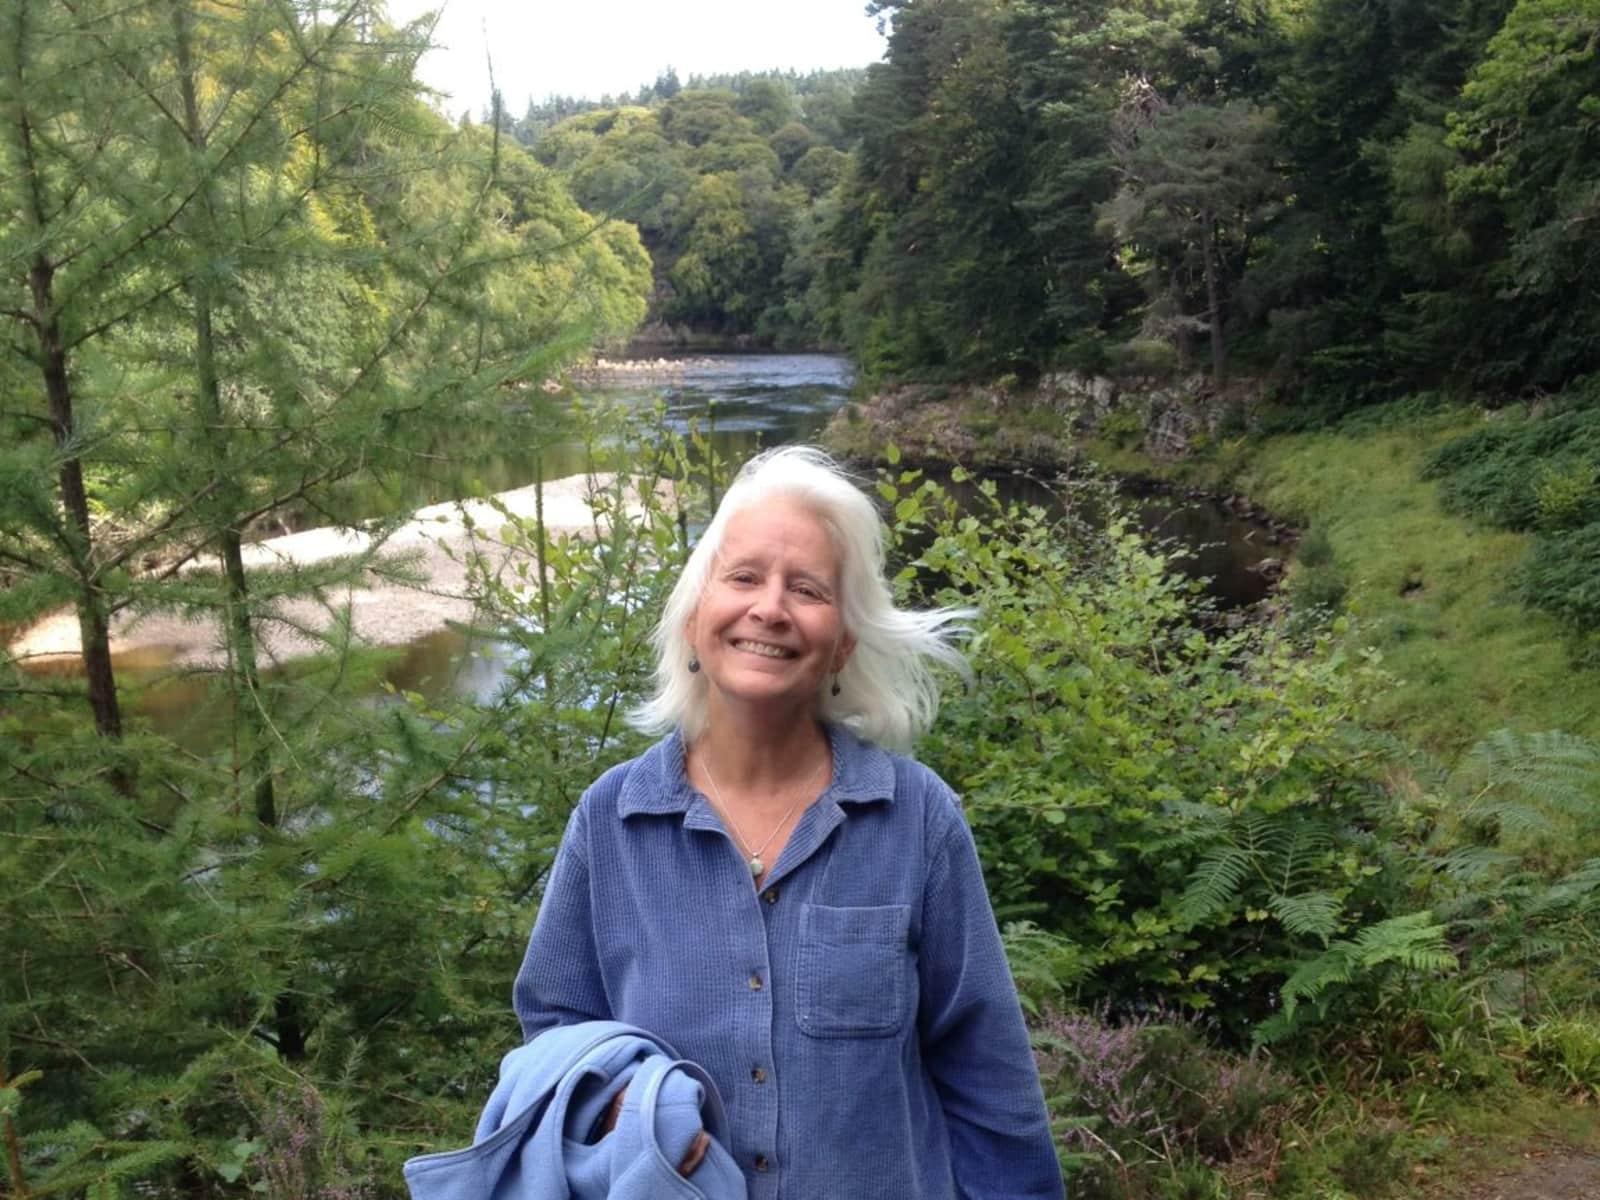 Carla from Vashon, Washington, United States